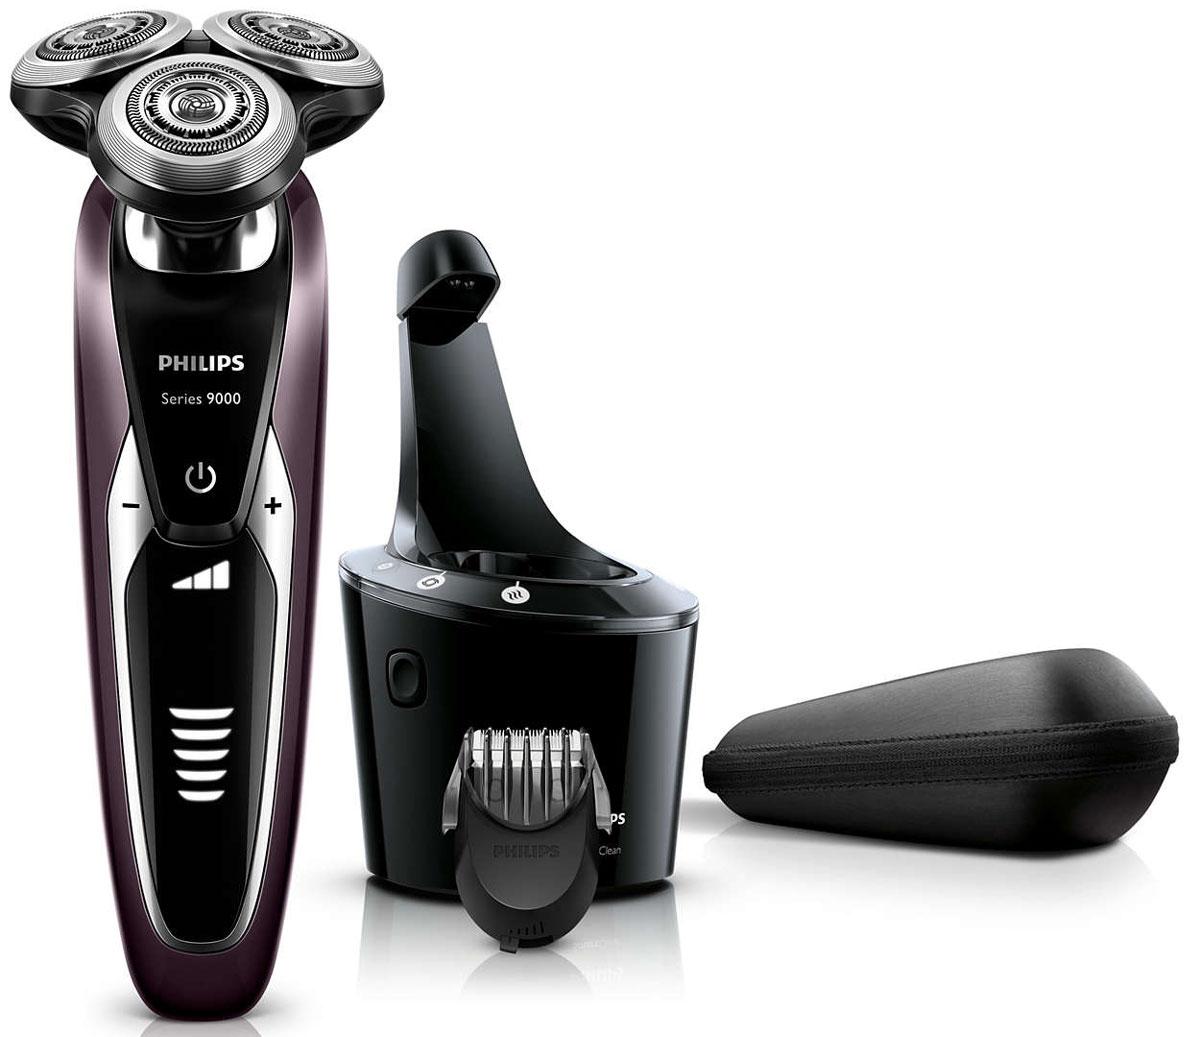 Philips S9521/31 электробритваS9521/31Запатентованные лезвия V-Track Precision электробритвы Philips S9521/31аккуратно захватывают и направляют волоски любой длины, а также волоски, прилегающие к коже. Обеспечивает на 30 % более гладкое и быстрое бритье, чтобы ваша кожа всегда выглядела безупречно. Новые гибкие головки вращаются в 8 направлениях, максимально точно повторяя контуры лица и требуя меньше усилий при каждом движении. Головки, двигающиеся независимо от бритвенного элемента, захватывают на 20 % больше волосков и обеспечивают более чистое бритье при меньшем количестве движений. Встроенная система двойных лезвий электрической бритвы Philips S9521/31 приподнимает волоски, сбривая их максимально близко к поверхности кожи, что обеспечивает более чистое бритье. Настройки для комфортного бритья позволяют задать ваши личные предпочтения. Вы можете выбрать один из 3 режимов: бережный для аккуратного и тщательного бритья чувствительной кожи, обычный для тщательного бритья изо дня в день и быстрый,...